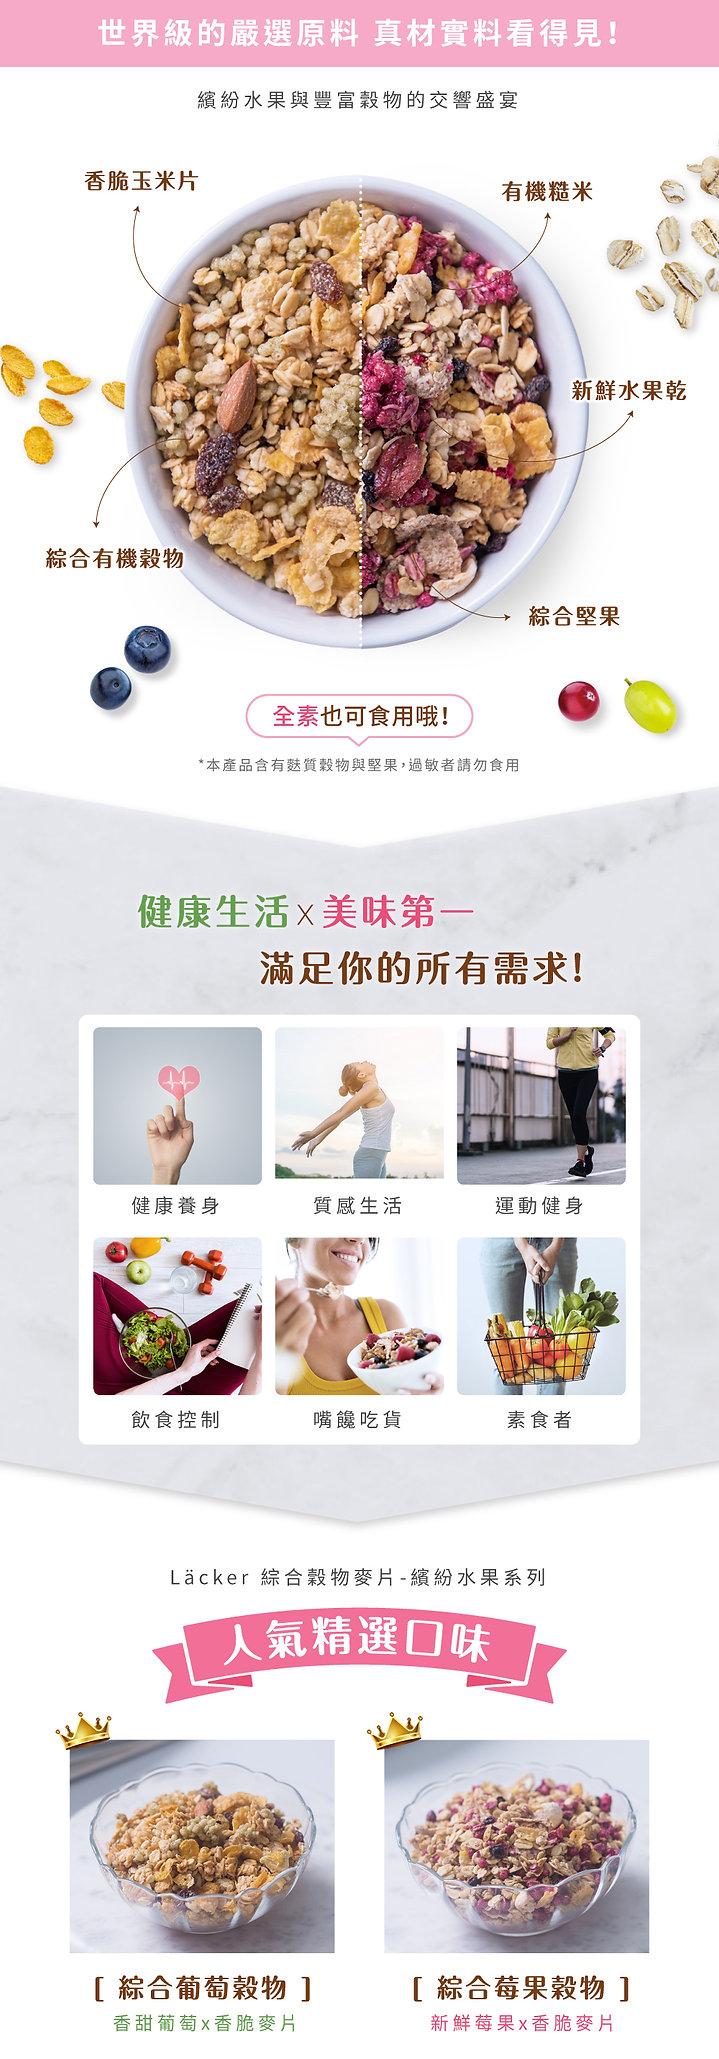 麥片銷售頁-全_02.jpg